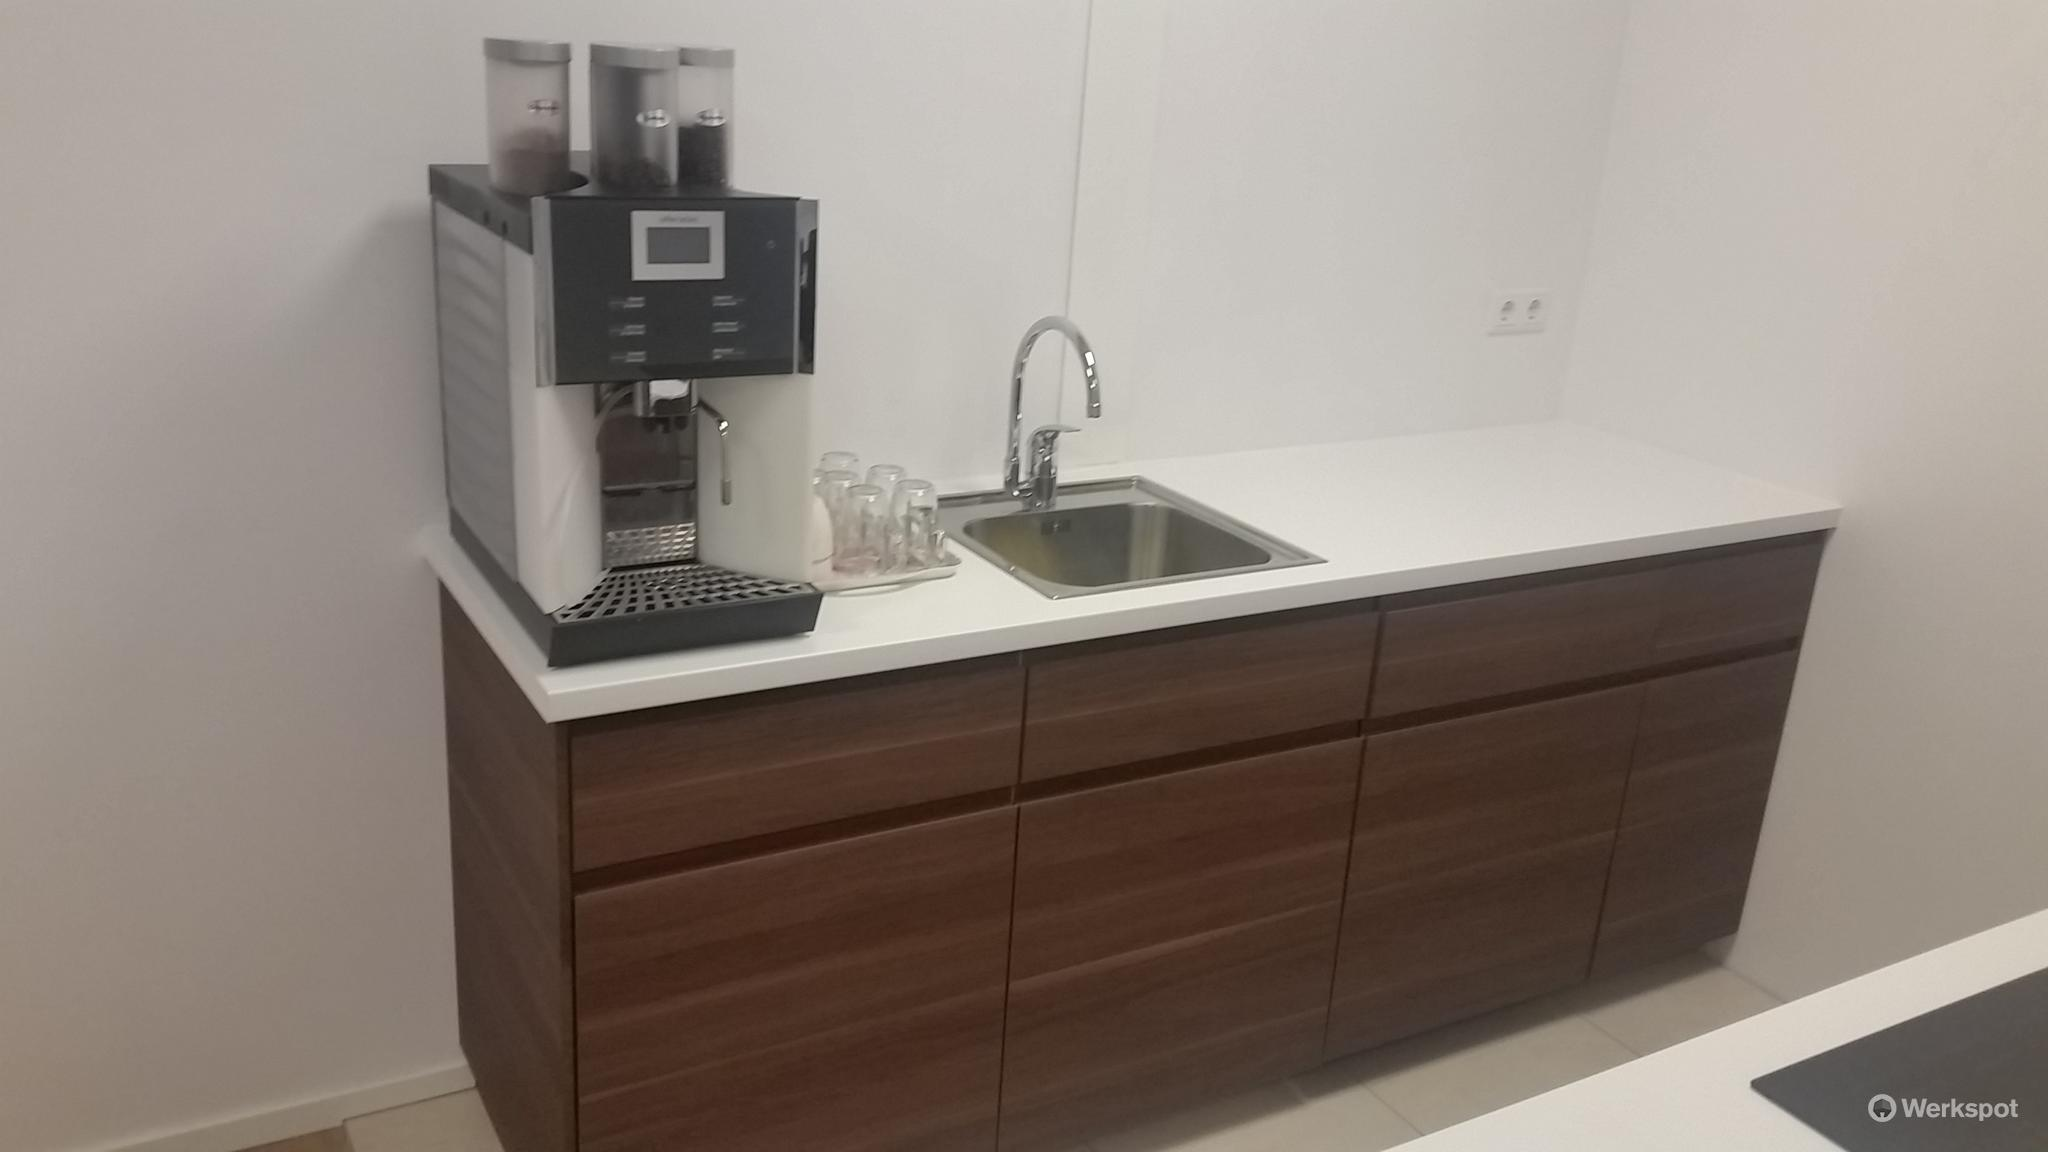 Voxtorp Keuken Ikea : Ikea keuken plaatsen type voxtorp walnoten werkspot